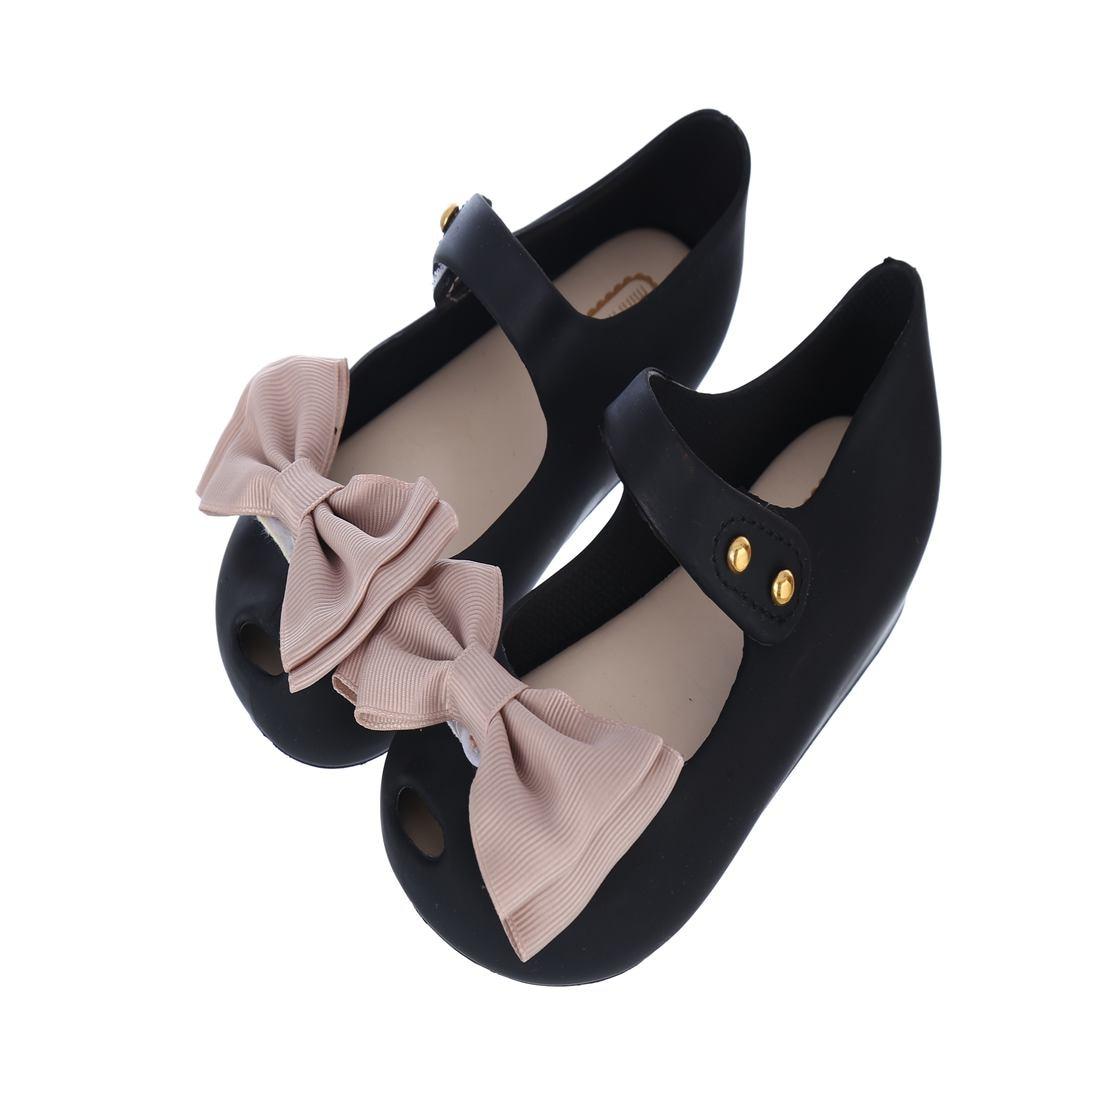 Sepatu Sendal Jepit Anak 1 2 3 Tahun Hitam Karet Spec Gunung Dm001 Melissa Mini Gadis Lebih Besar Ukuran Hujan Warna Busur Lucu Sandal Gesper